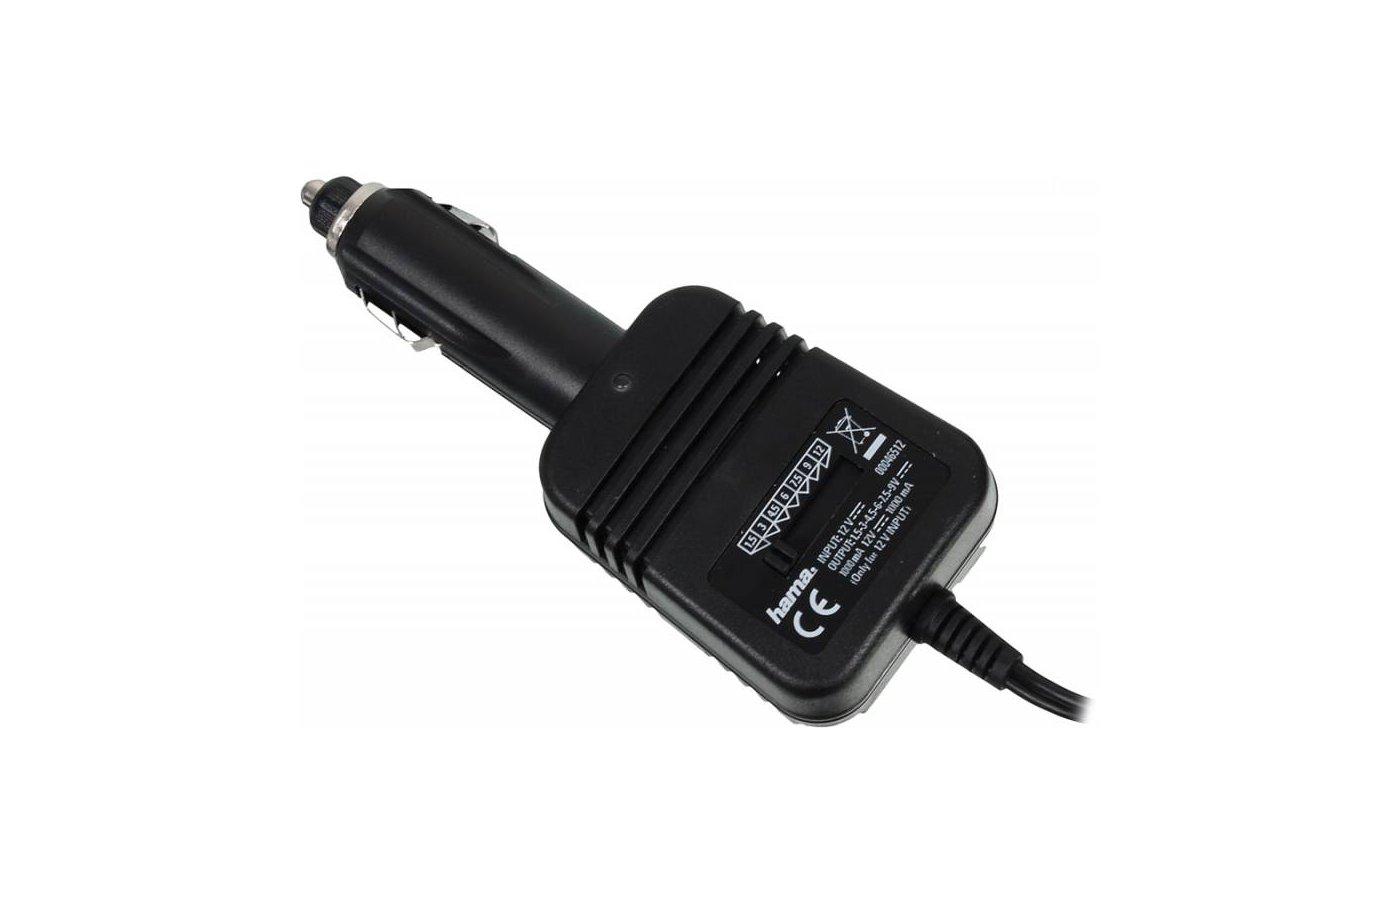 Сетевой адаптер для ноутбука Зарядное устройство Hama H-46512 автомобильный 1000мА, 1.5/3/4.5/6/7.5/9/12В (8штекеров)